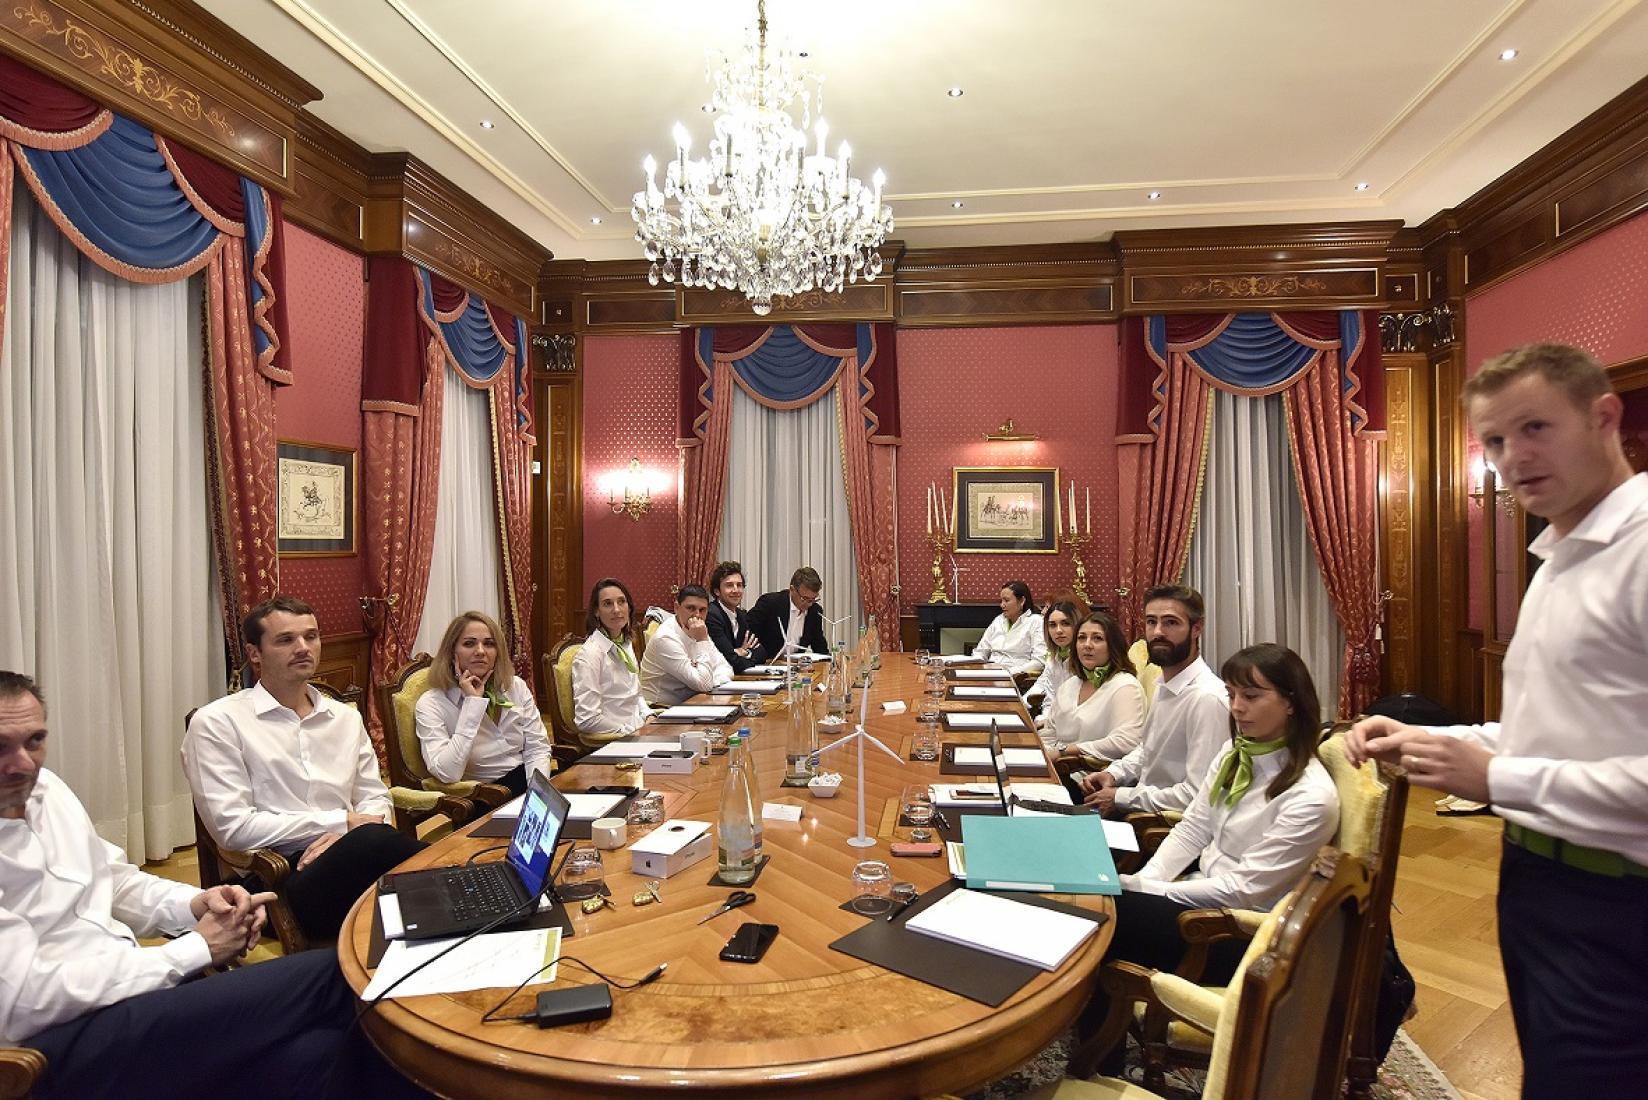 L'équipe Envinergy au complet pour le séminaire de fin d'année